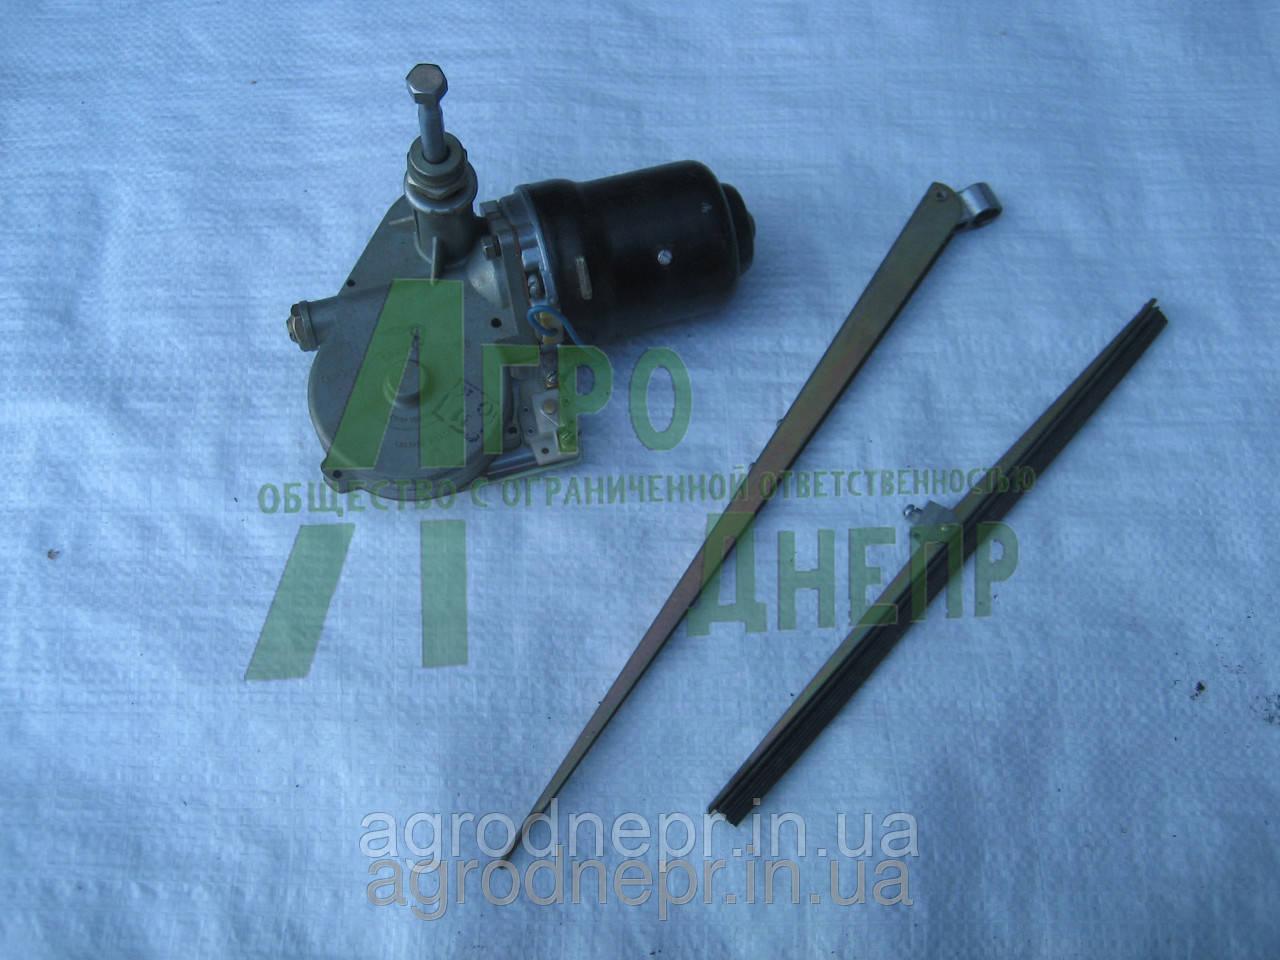 Стеклоочеститель СЛ 230М-5205000